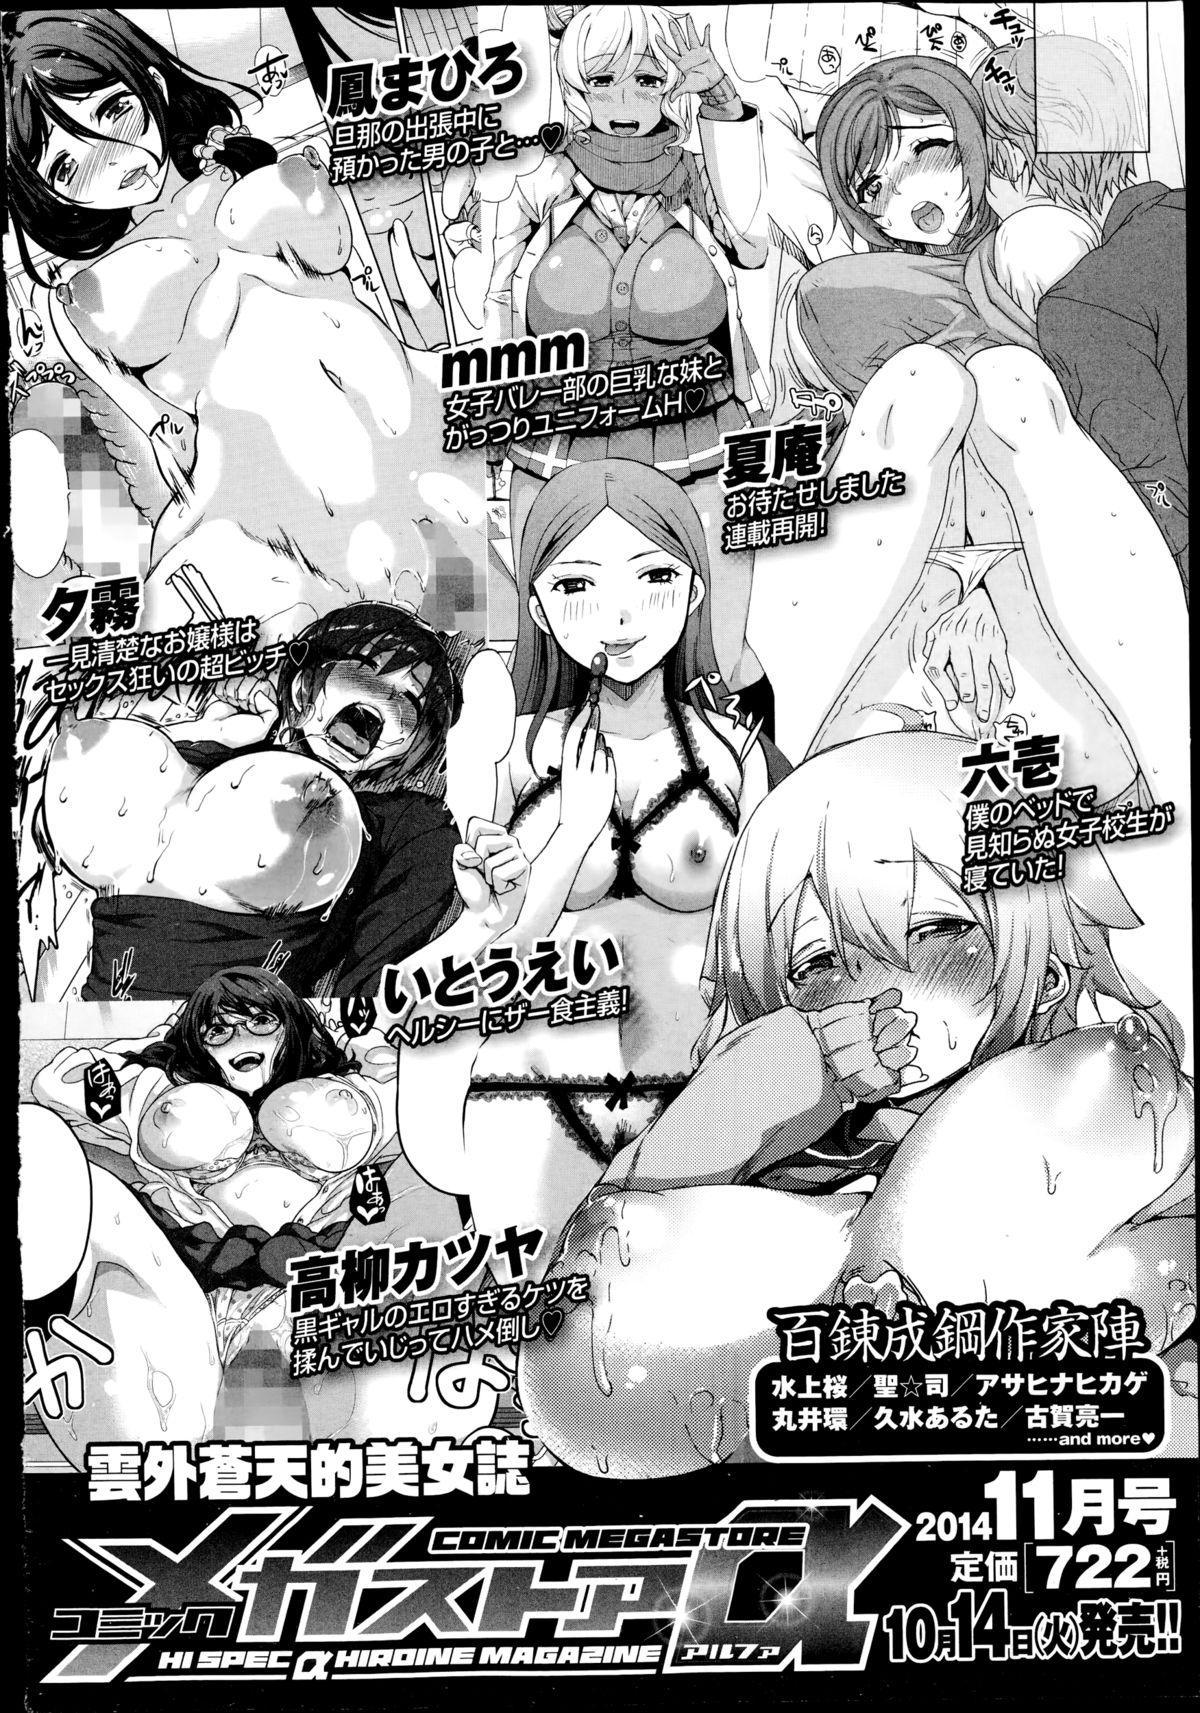 COMIC Megastore Alpha 2014-10 513